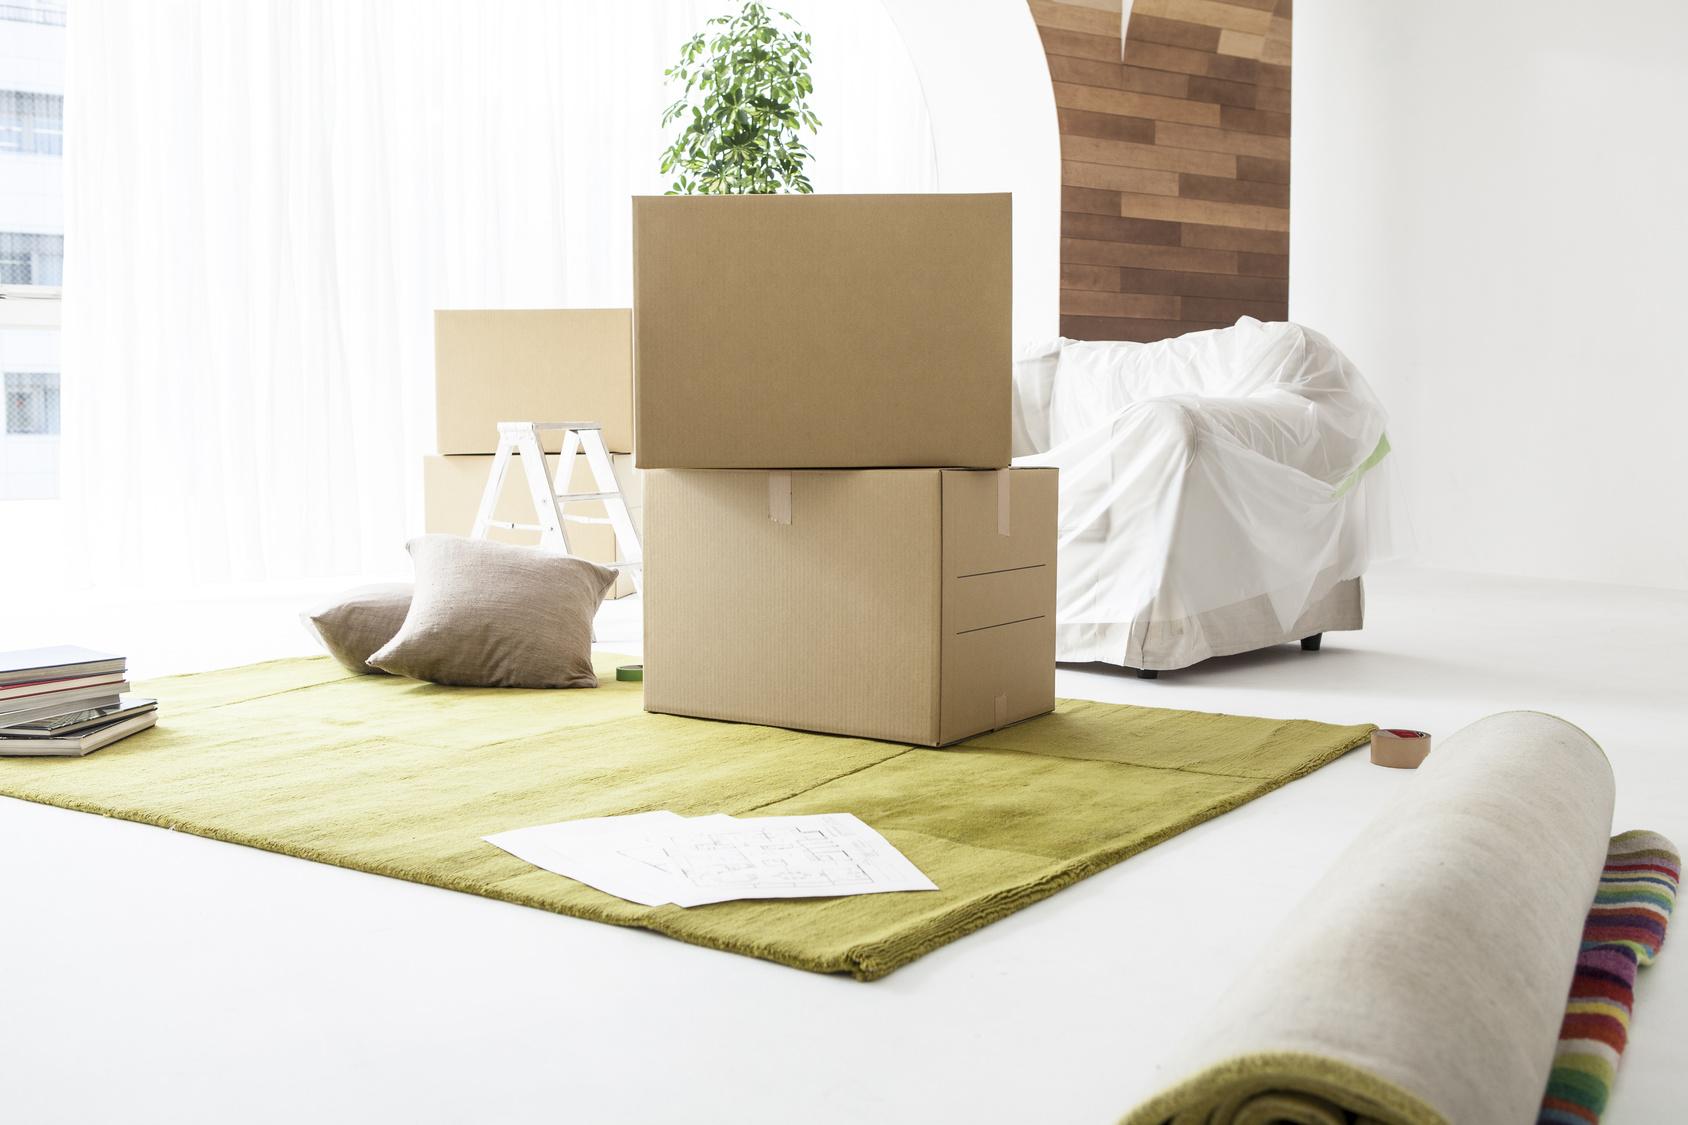 ダンボール箱や荷物が置いてある部屋